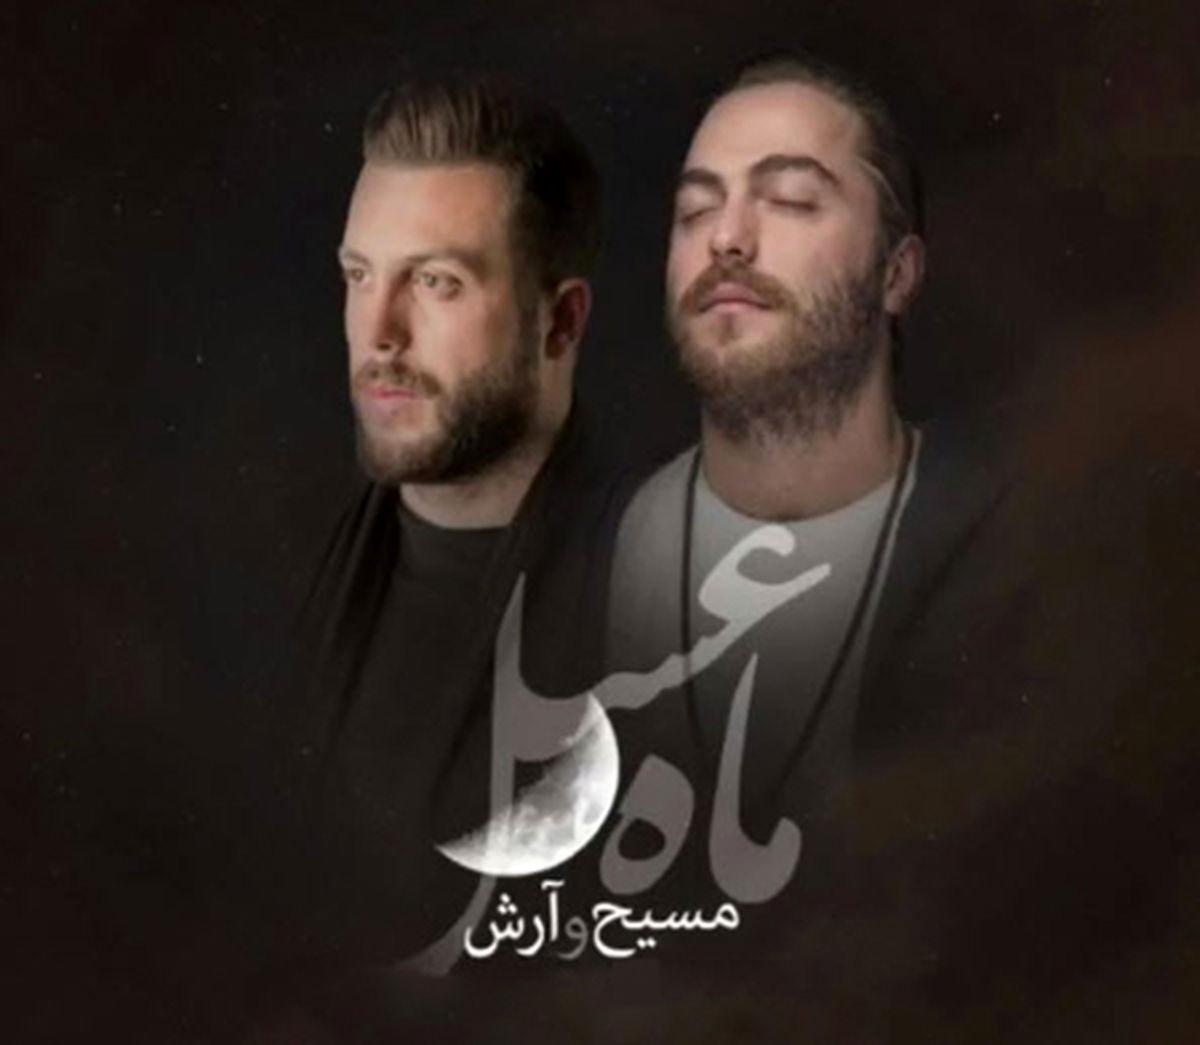 بیوگرافی خواندنی مسیح و آرش ای پی دو برادر مشهور و خوش صدای ایران+ تصاویر